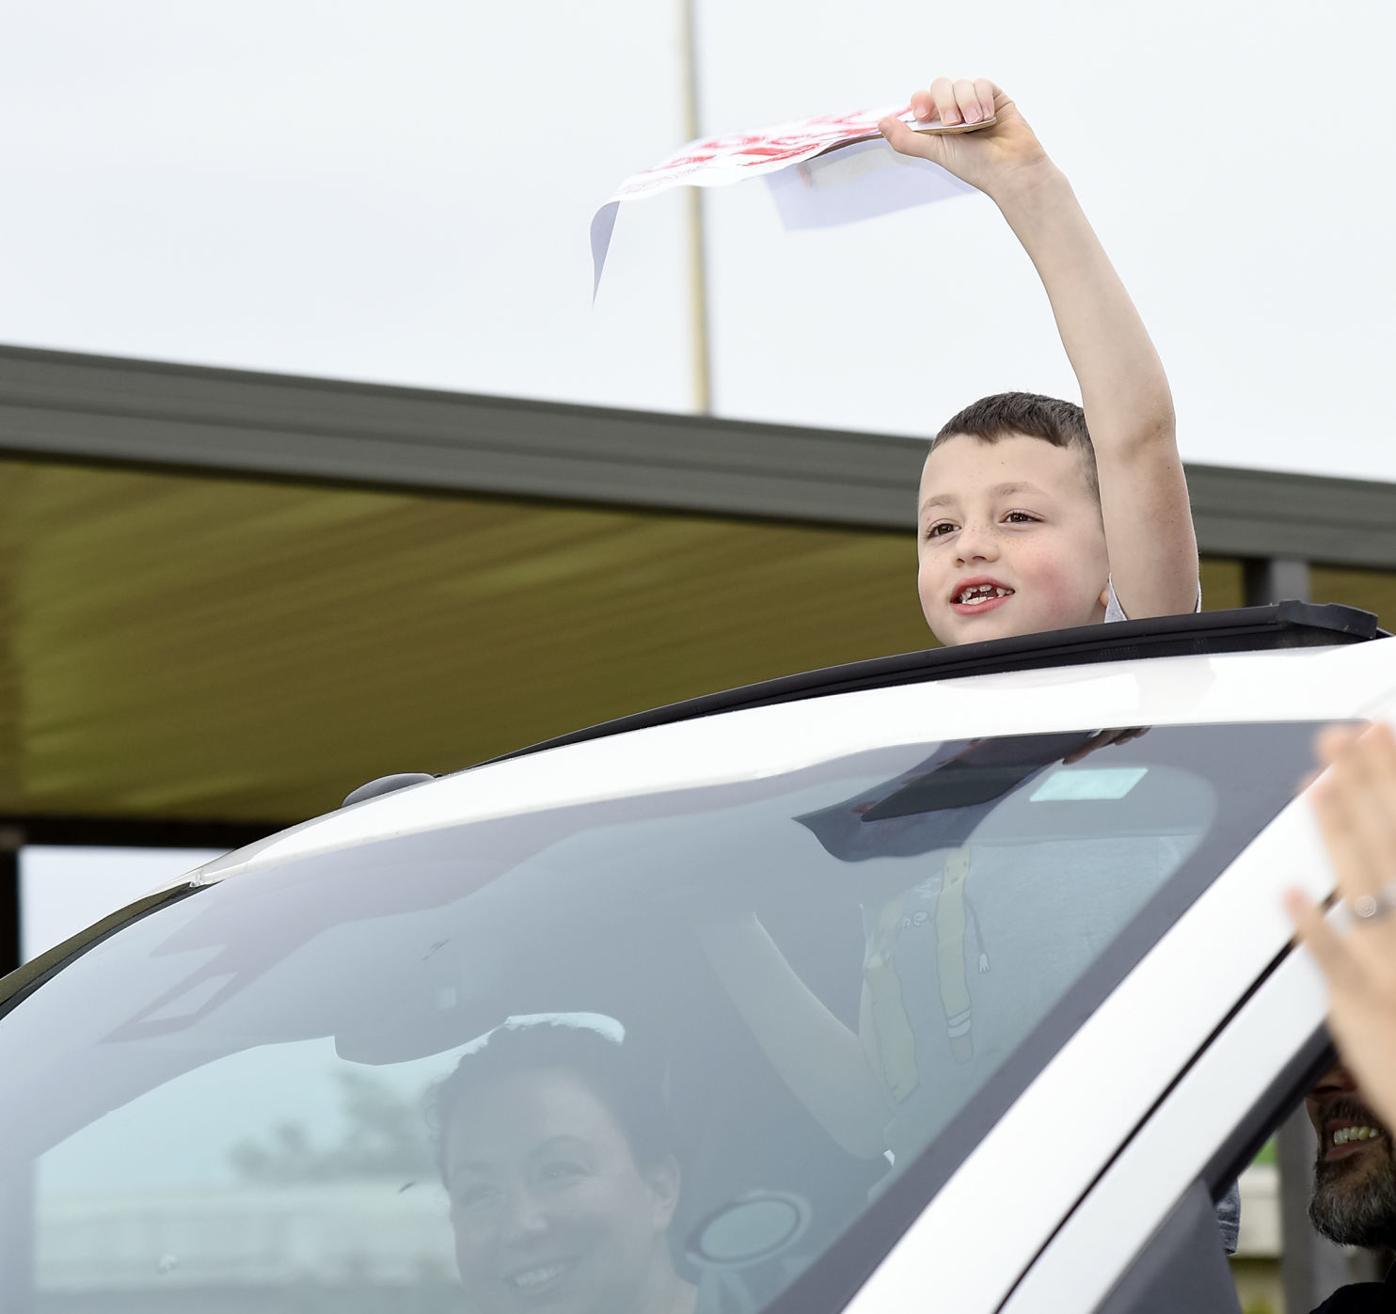 John Sevier third grader Luke McHarge